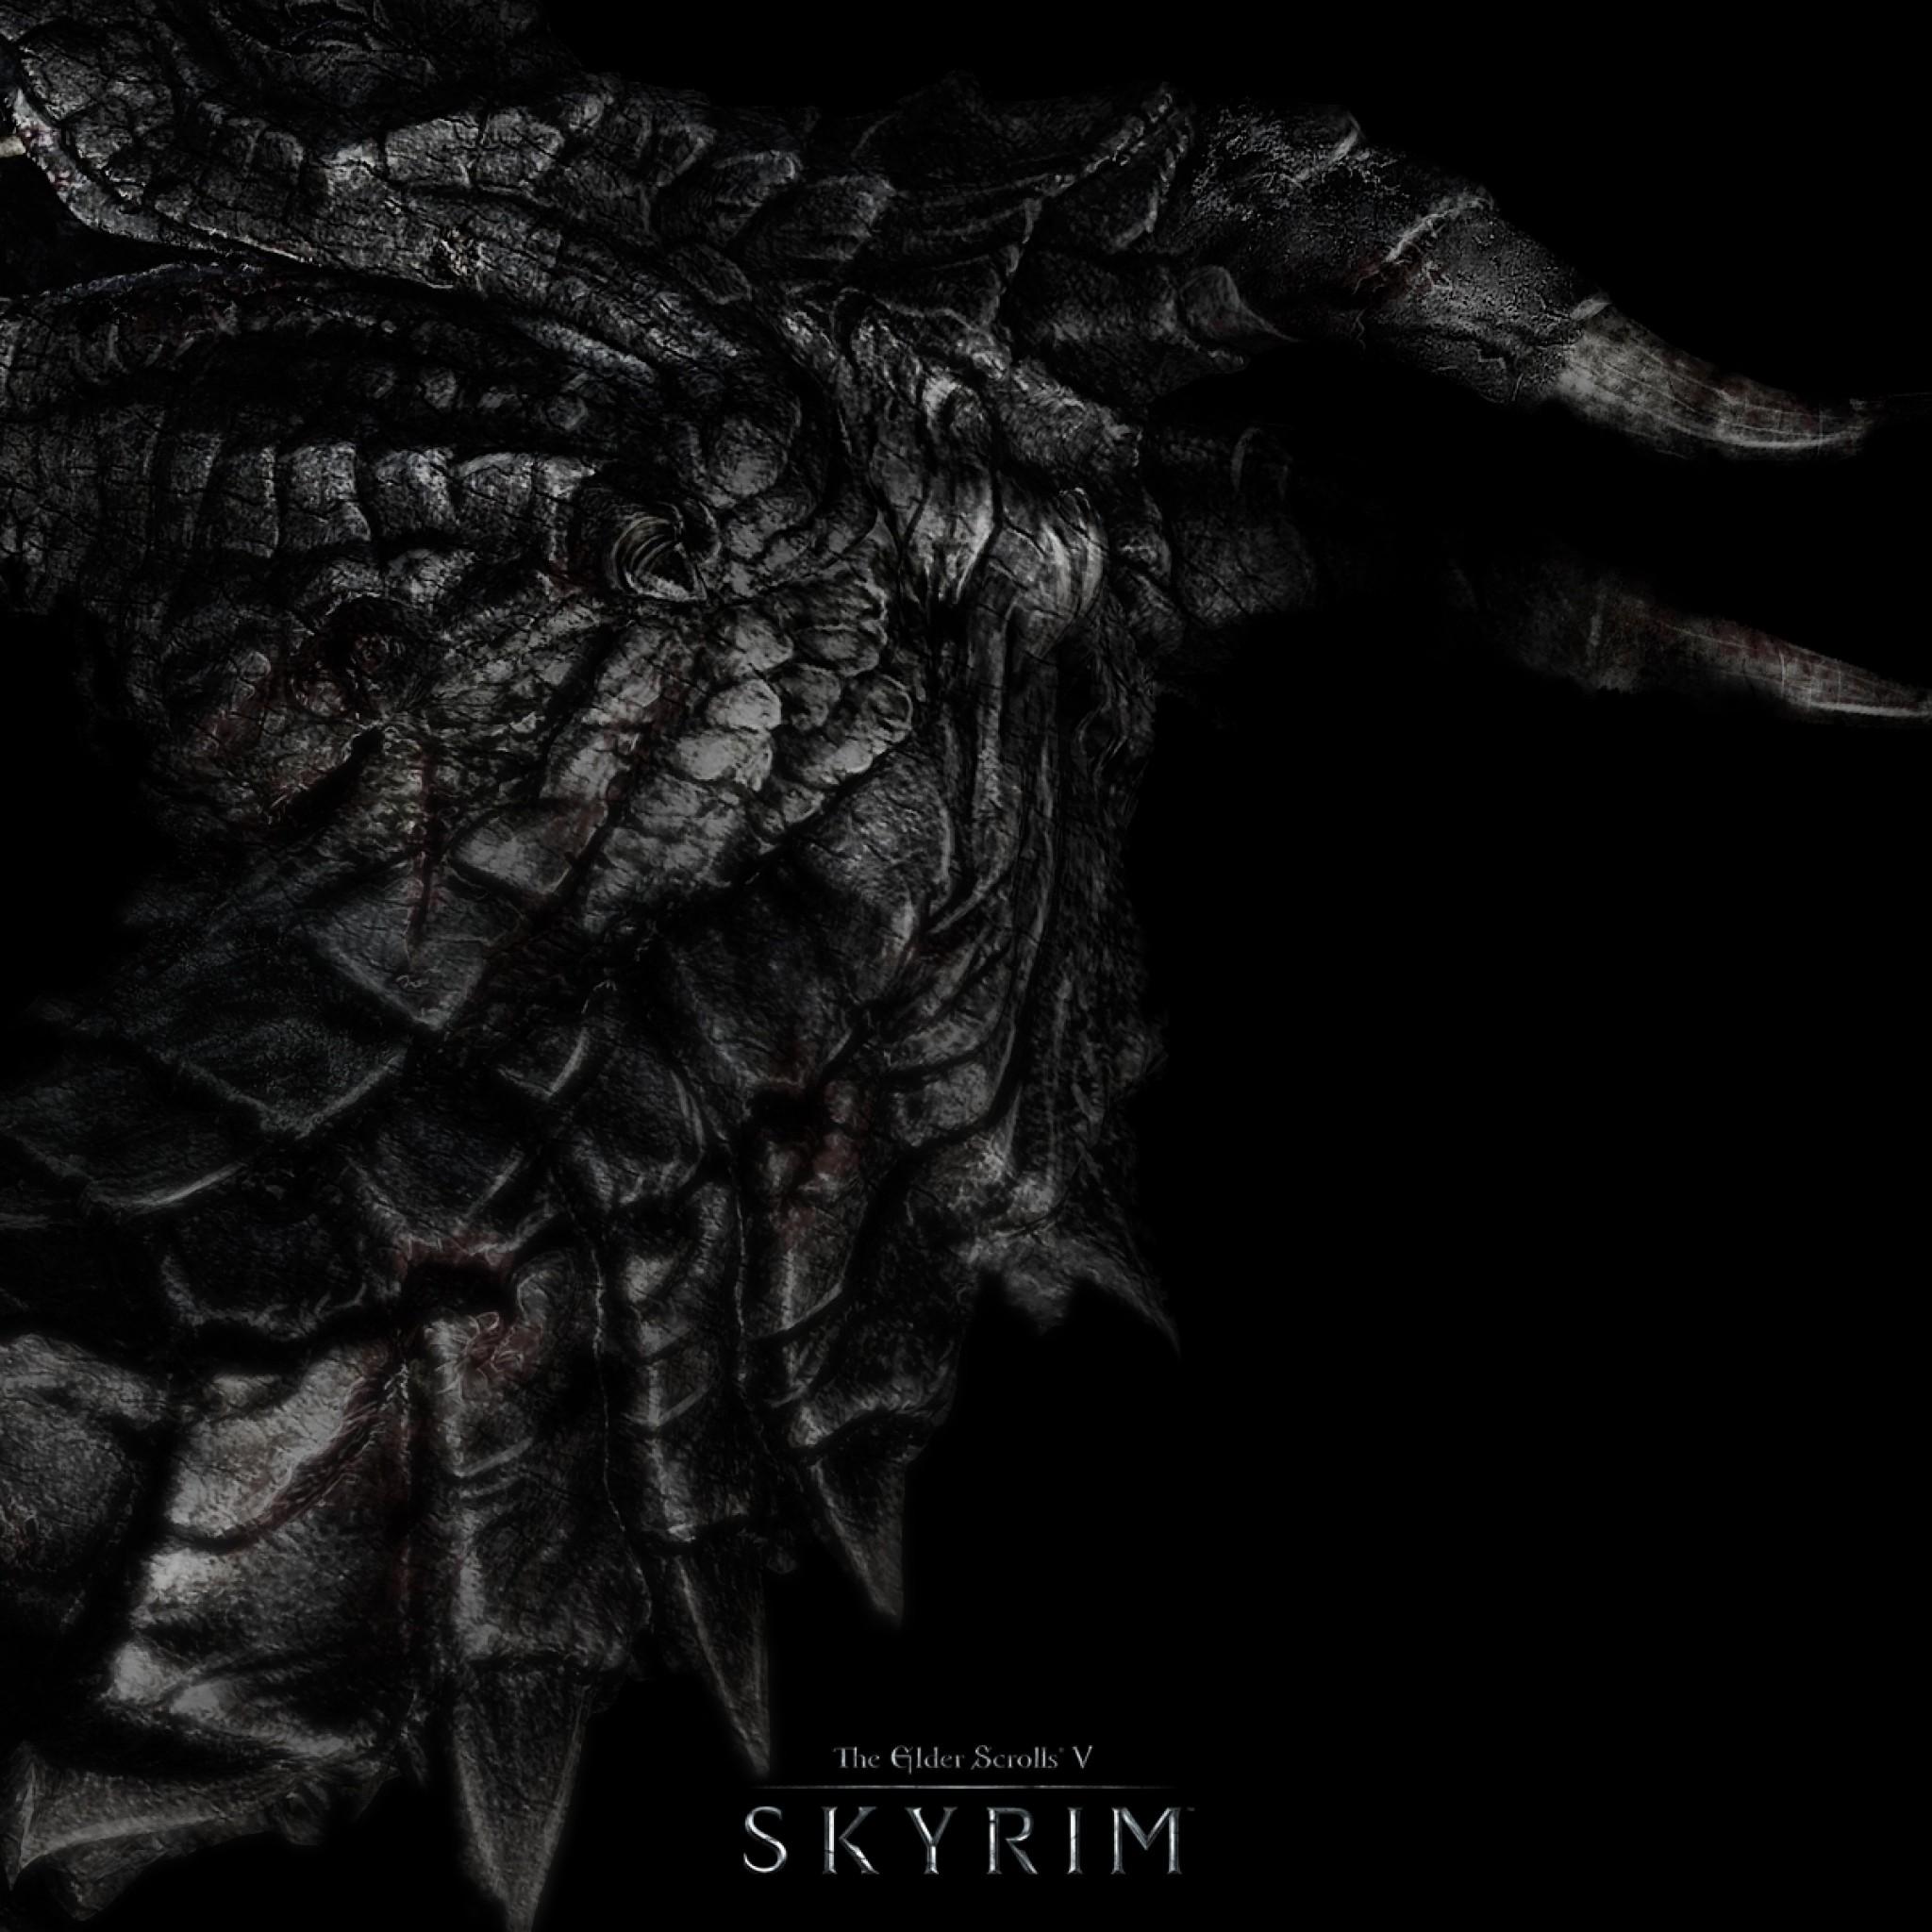 Skyrim Wallpaper: Skyrim IPhone Wallpaper (75+ Images